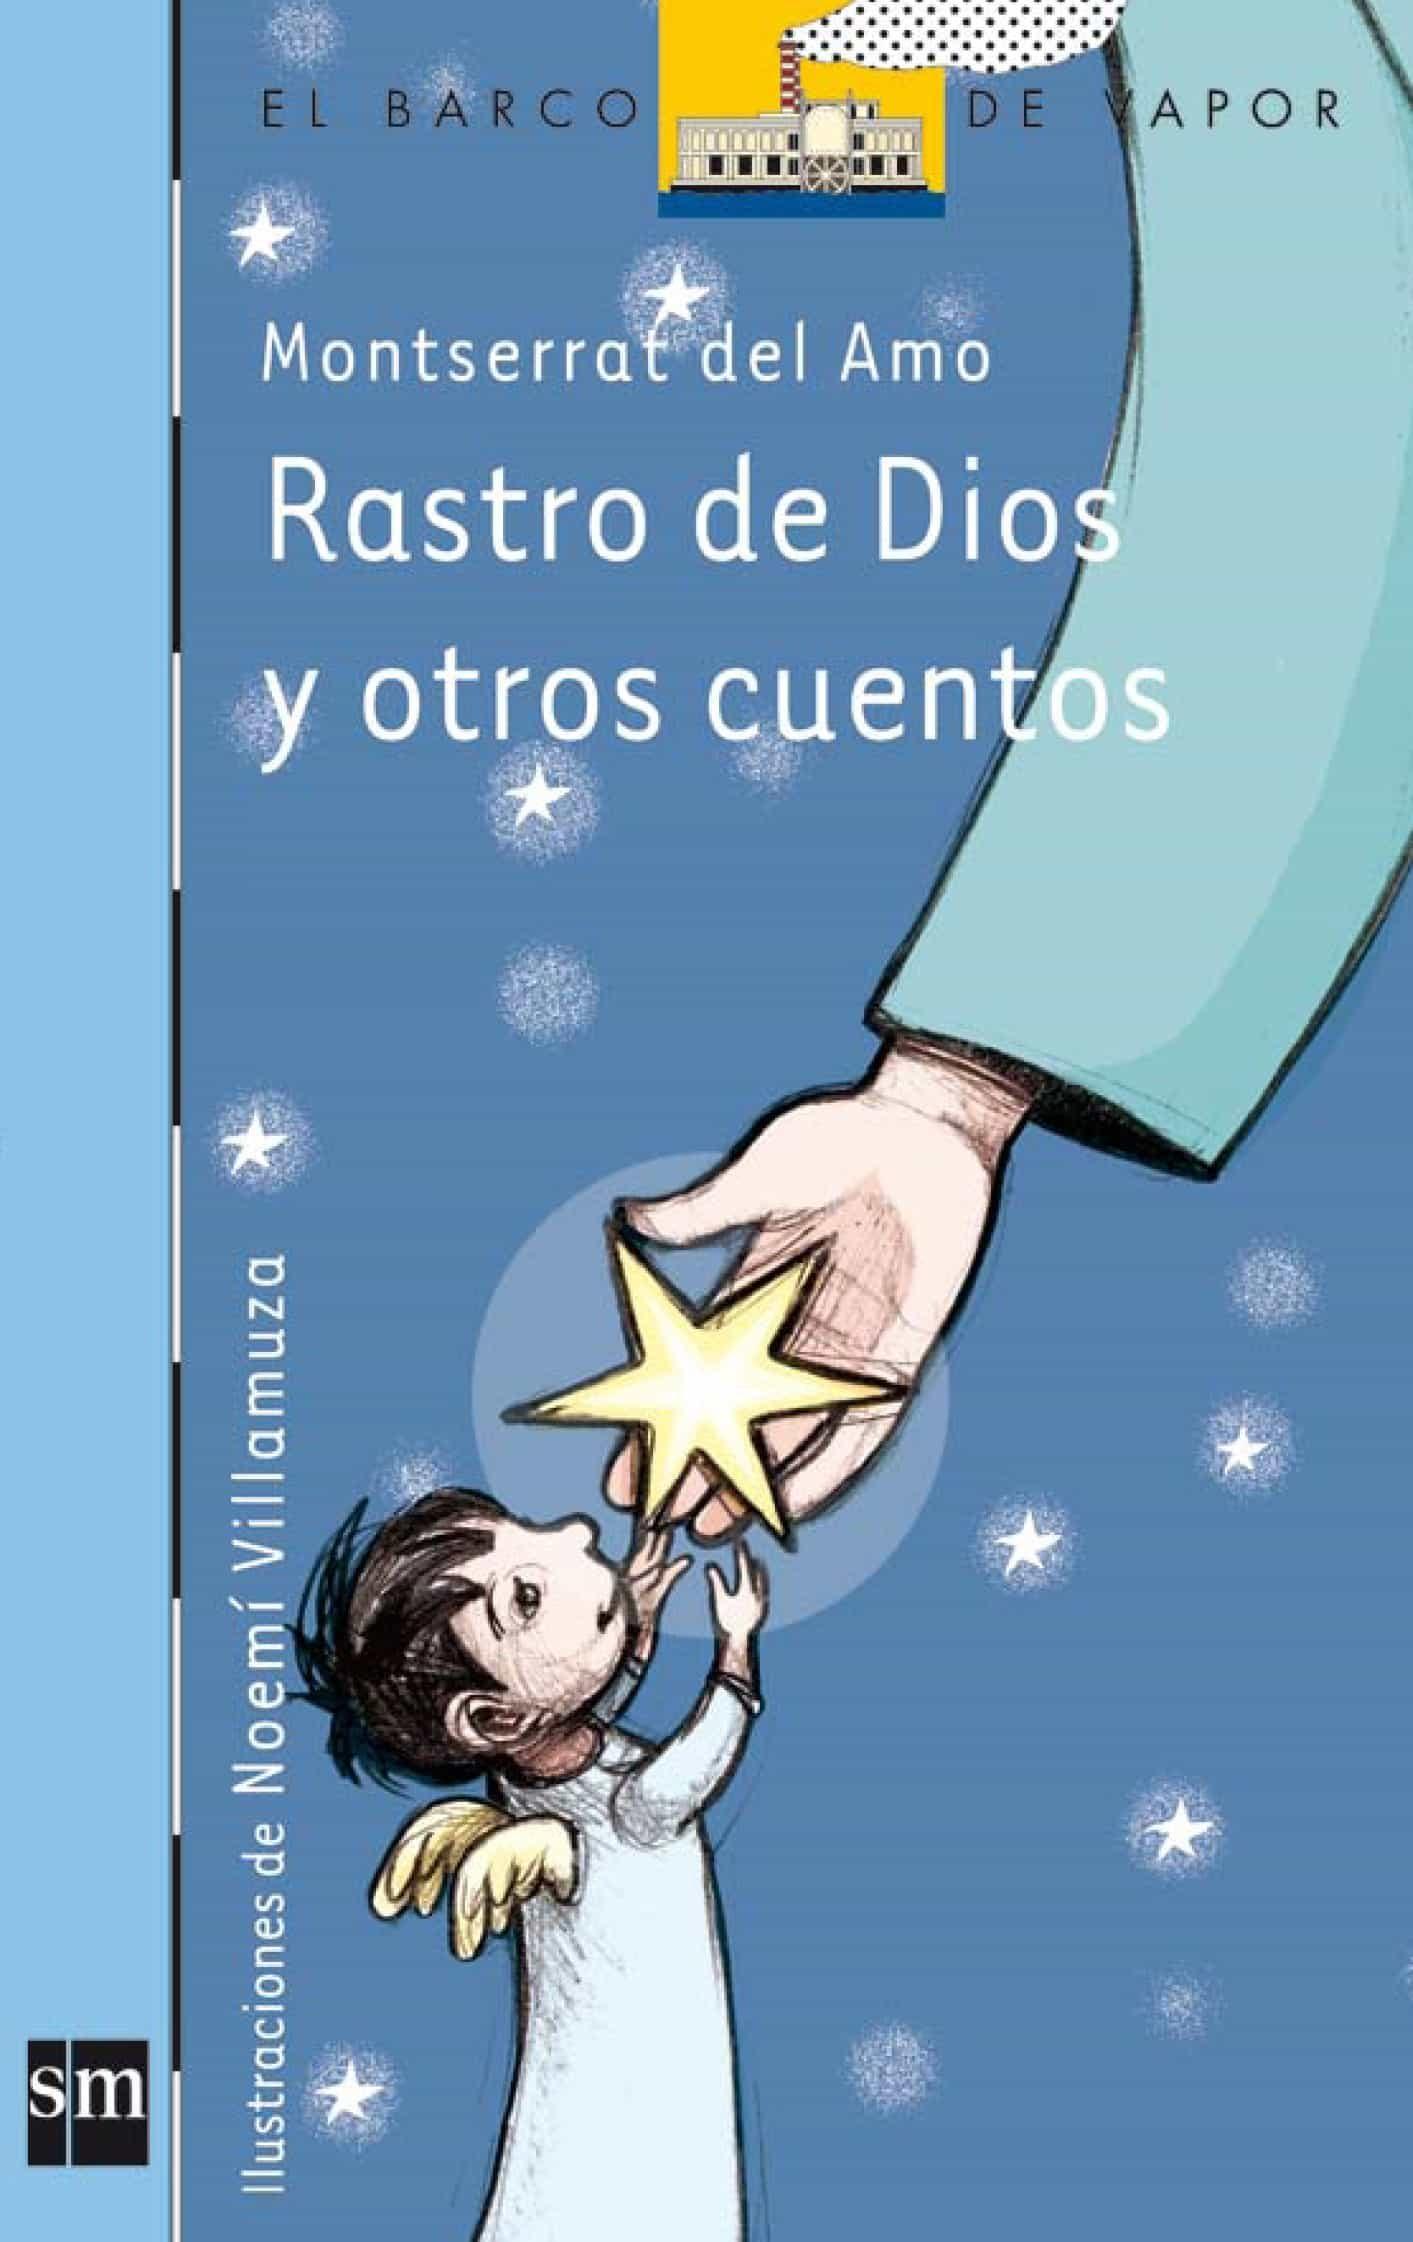 rastro de dios y otros cuentos-montserrat del amo-9788467501933